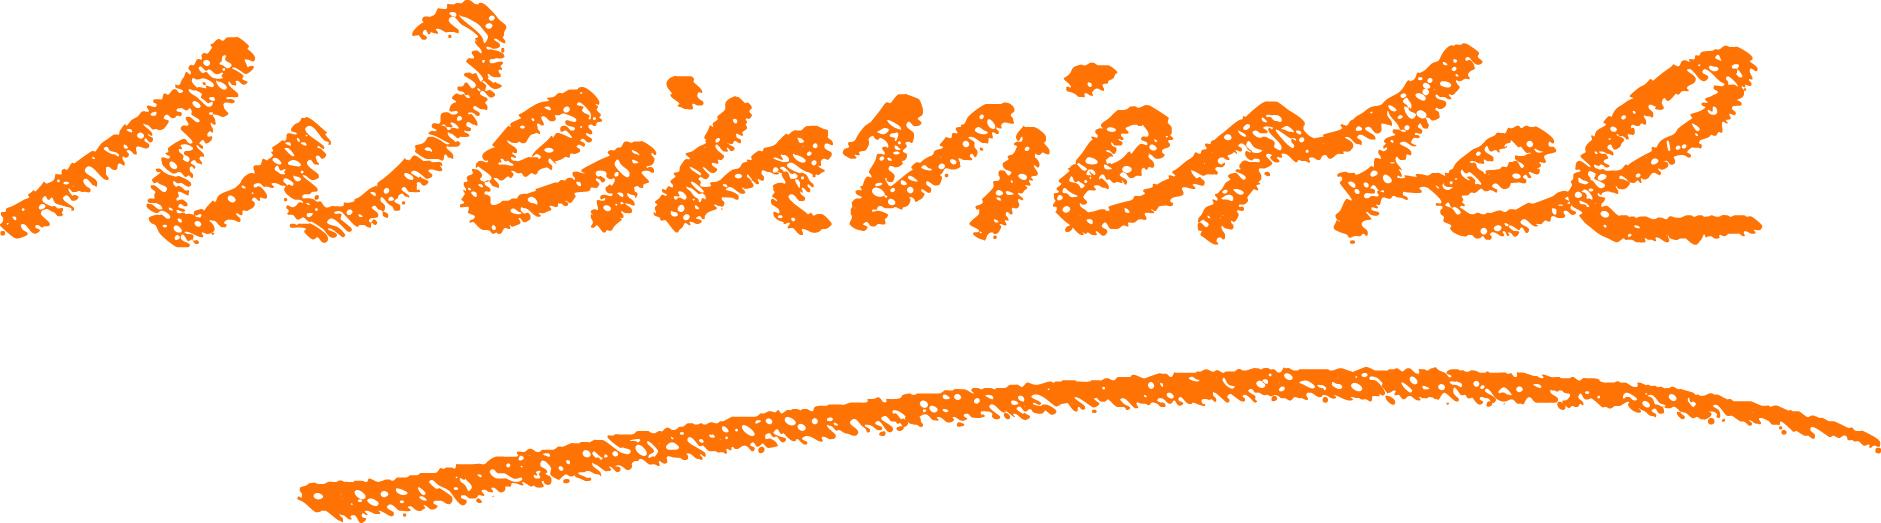 weinviertel-logo-einzeilig-orange-1.jpg